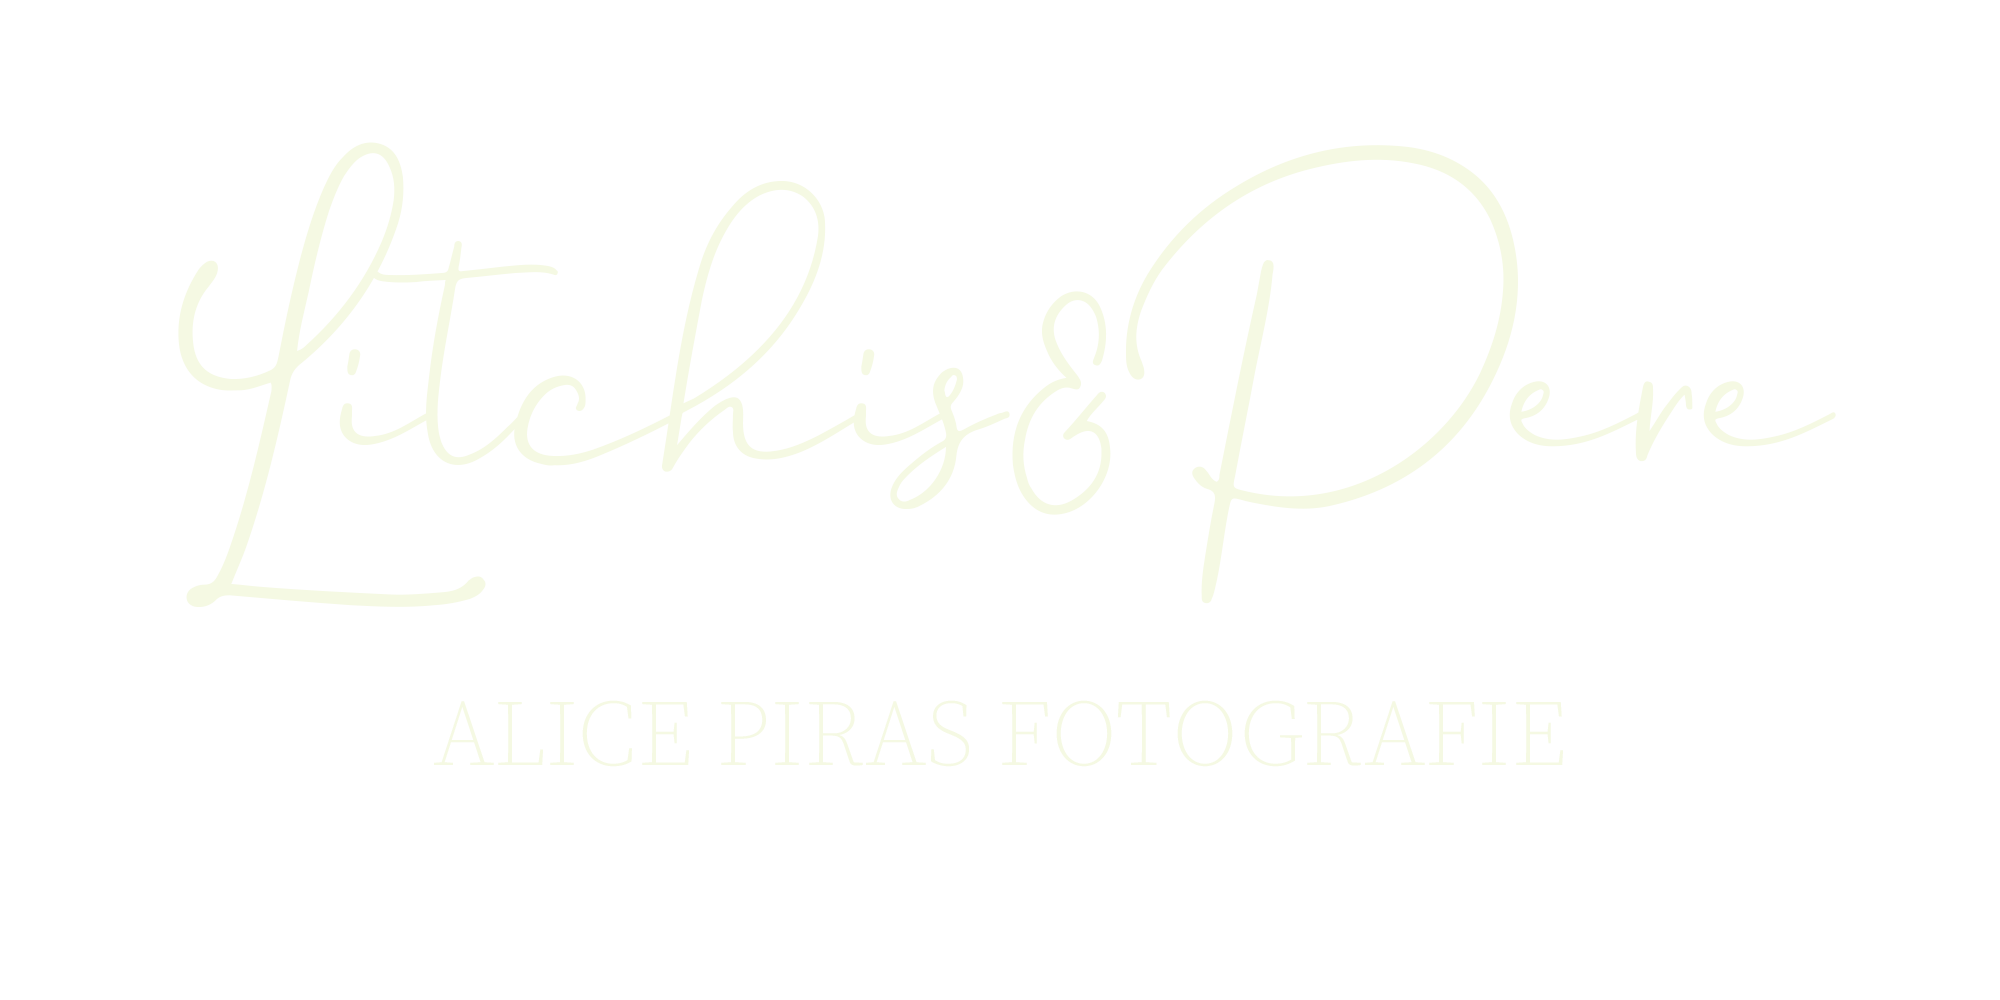 Litchis&Pere Photo di Alice Piras